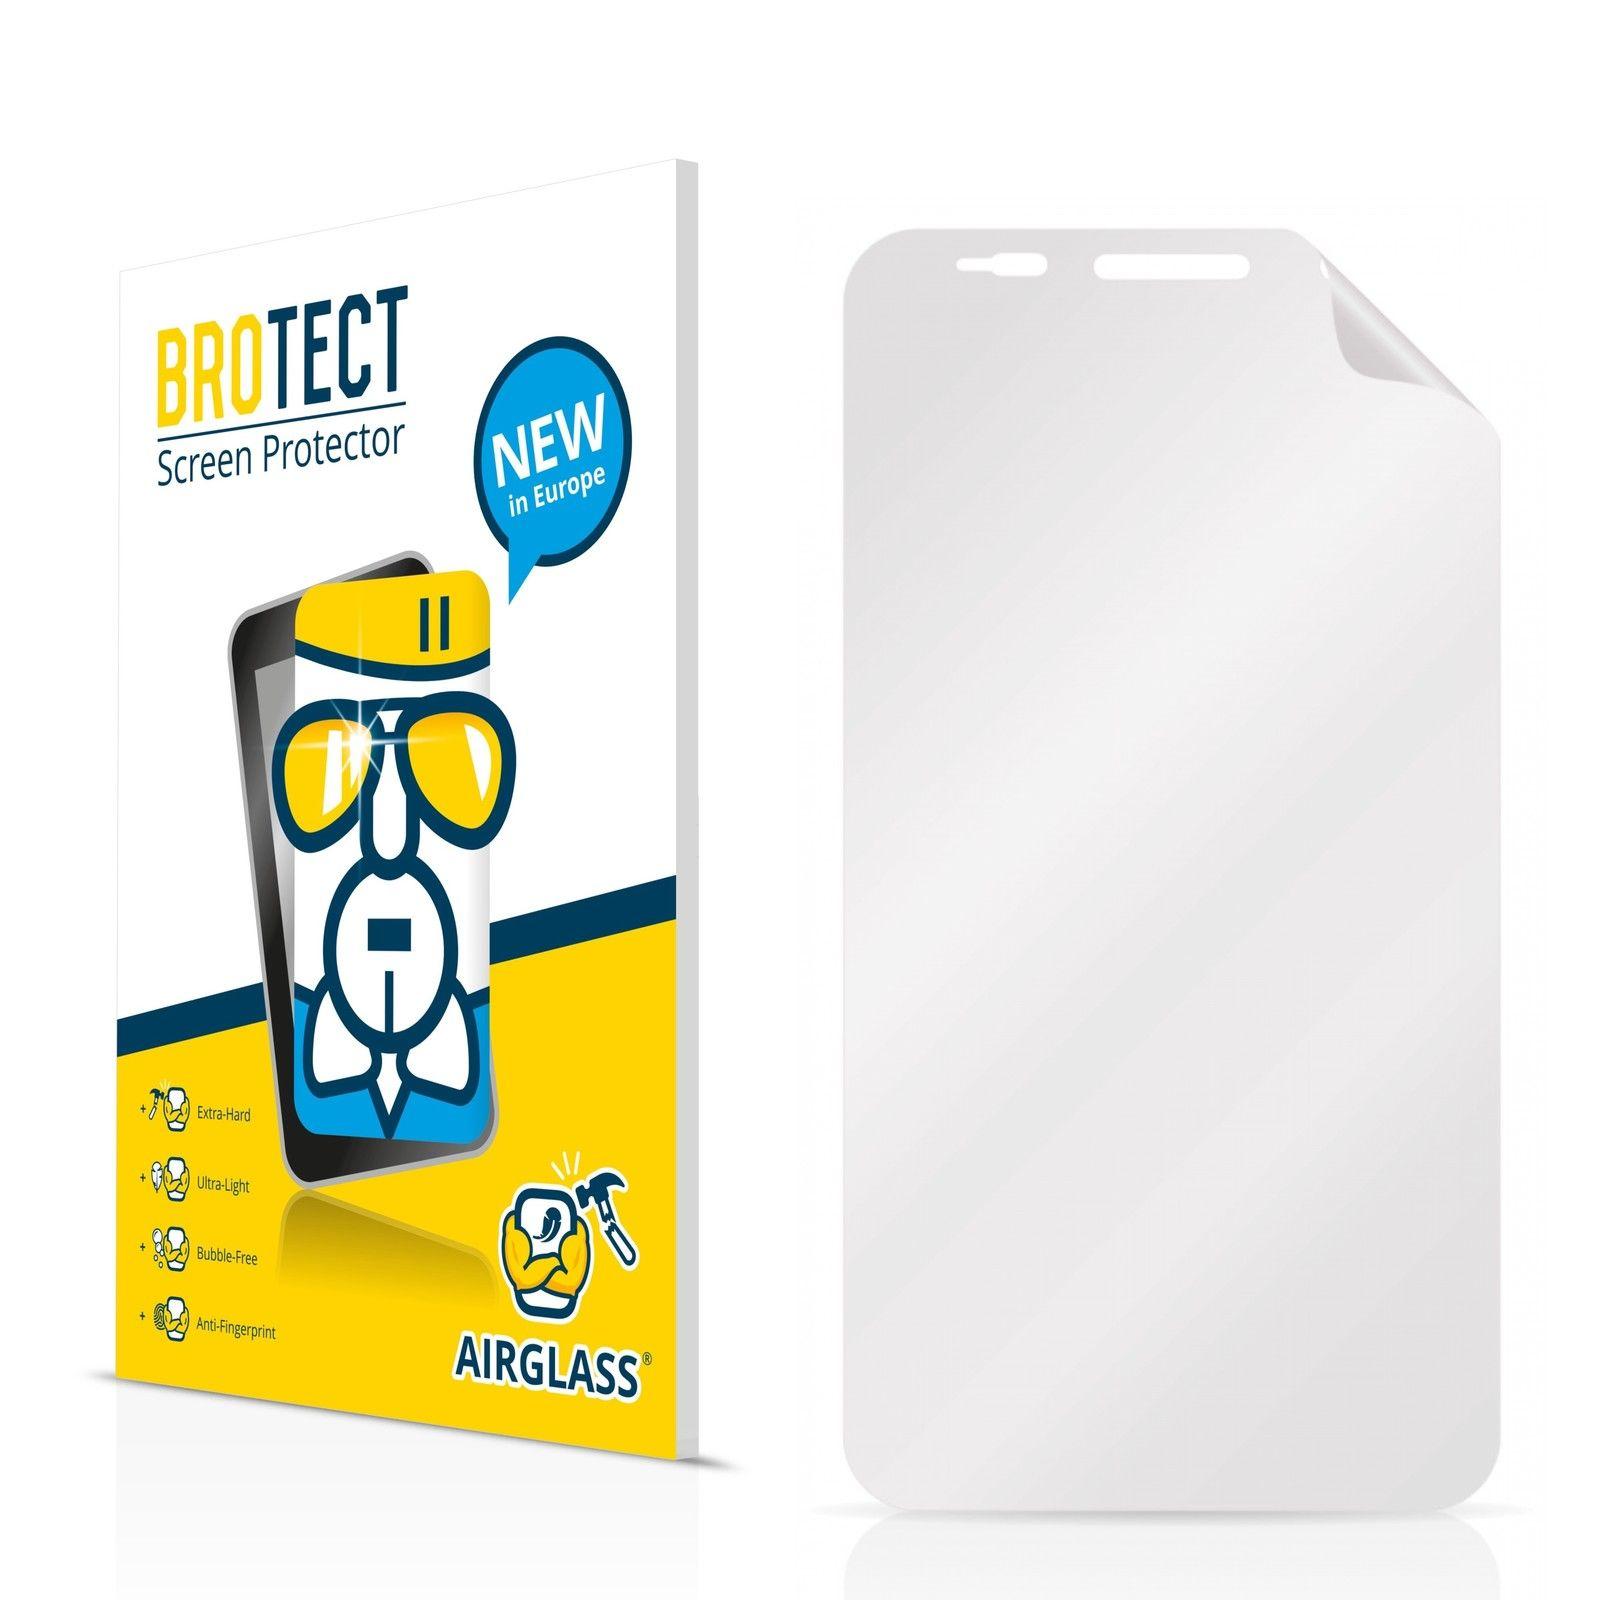 Extra tvrzená ochranná fólie (tvrzené sklo) AirGlass Brotec na LCD pro Prestigio MultiPhone 4322 DUO